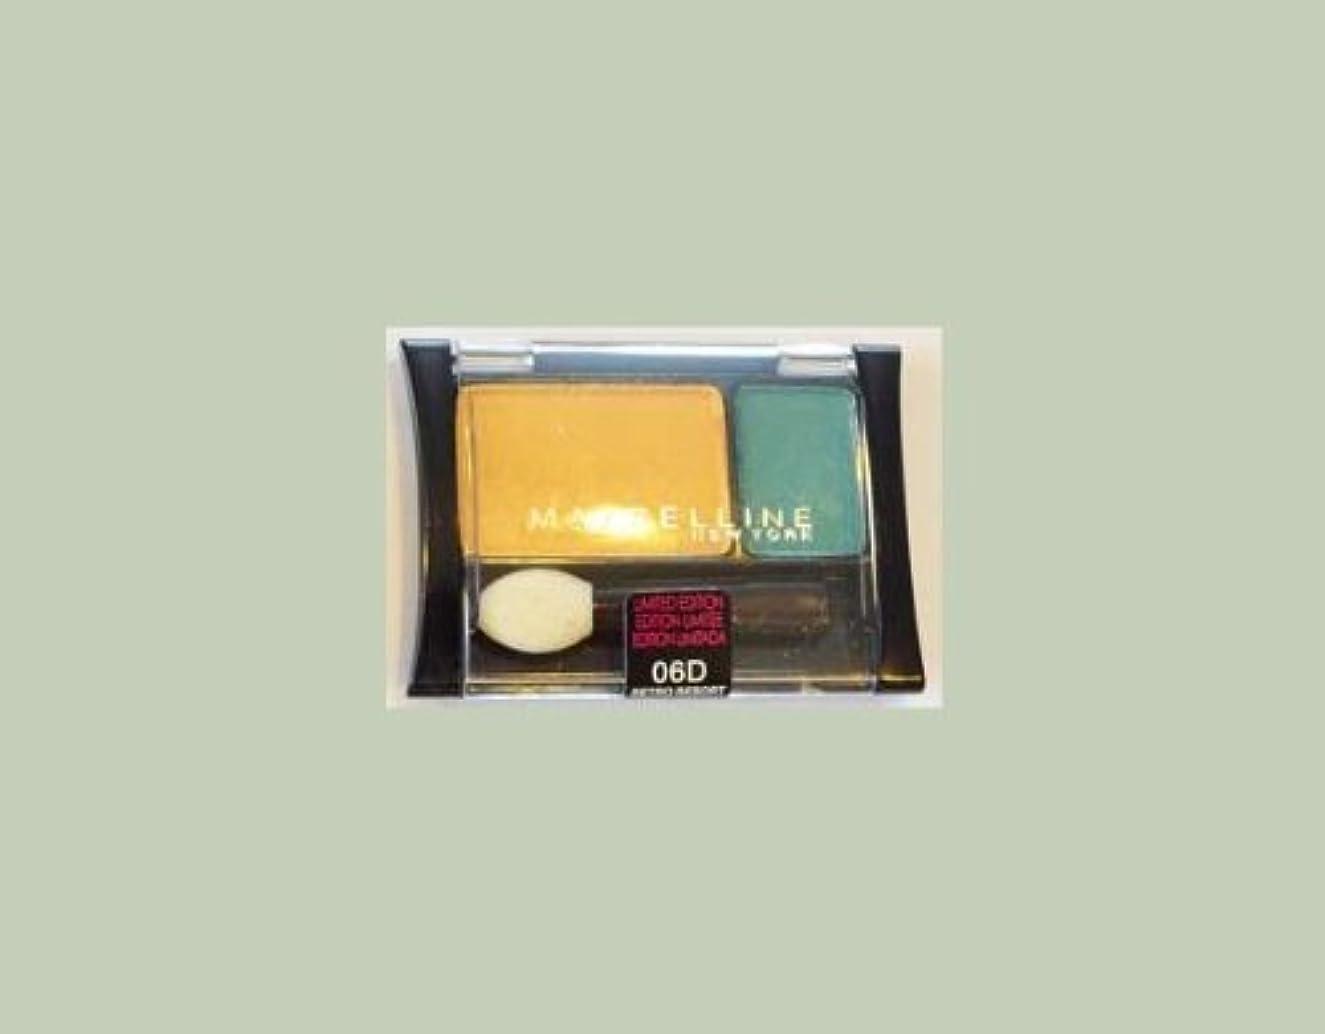 一過性想起エラーMaybelline Expert Wear Eyeshadow - Duo 06D Retro Resort (Limited Edition) by Maybelline